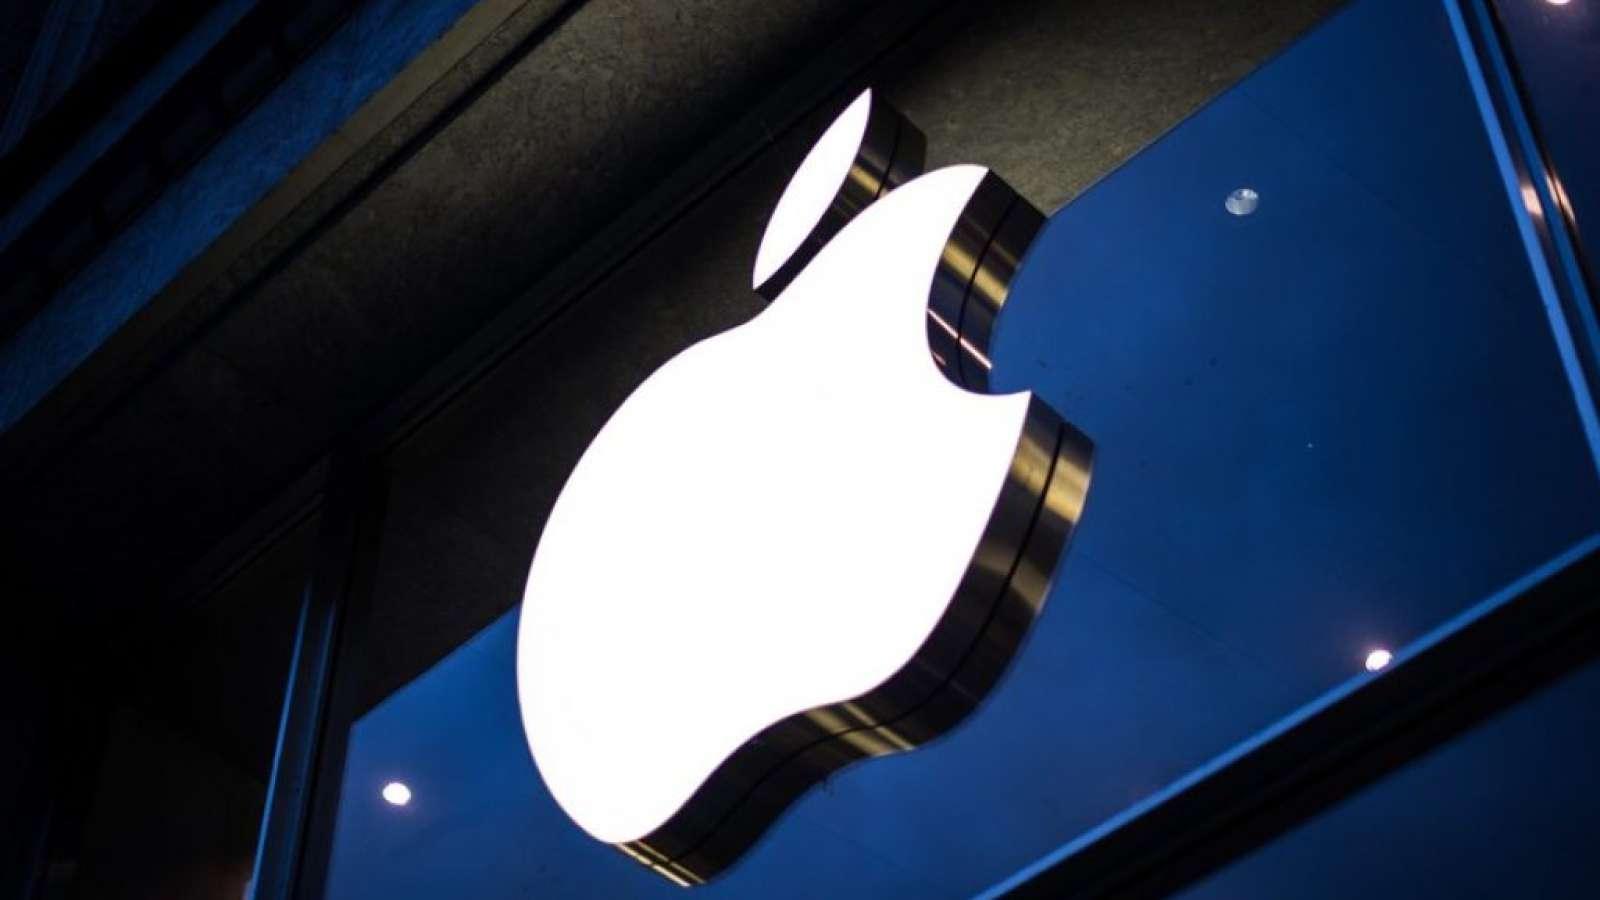 keine-ueberraschung-apple-ist-weiterhin-die-wertvollste-marke-der-welt